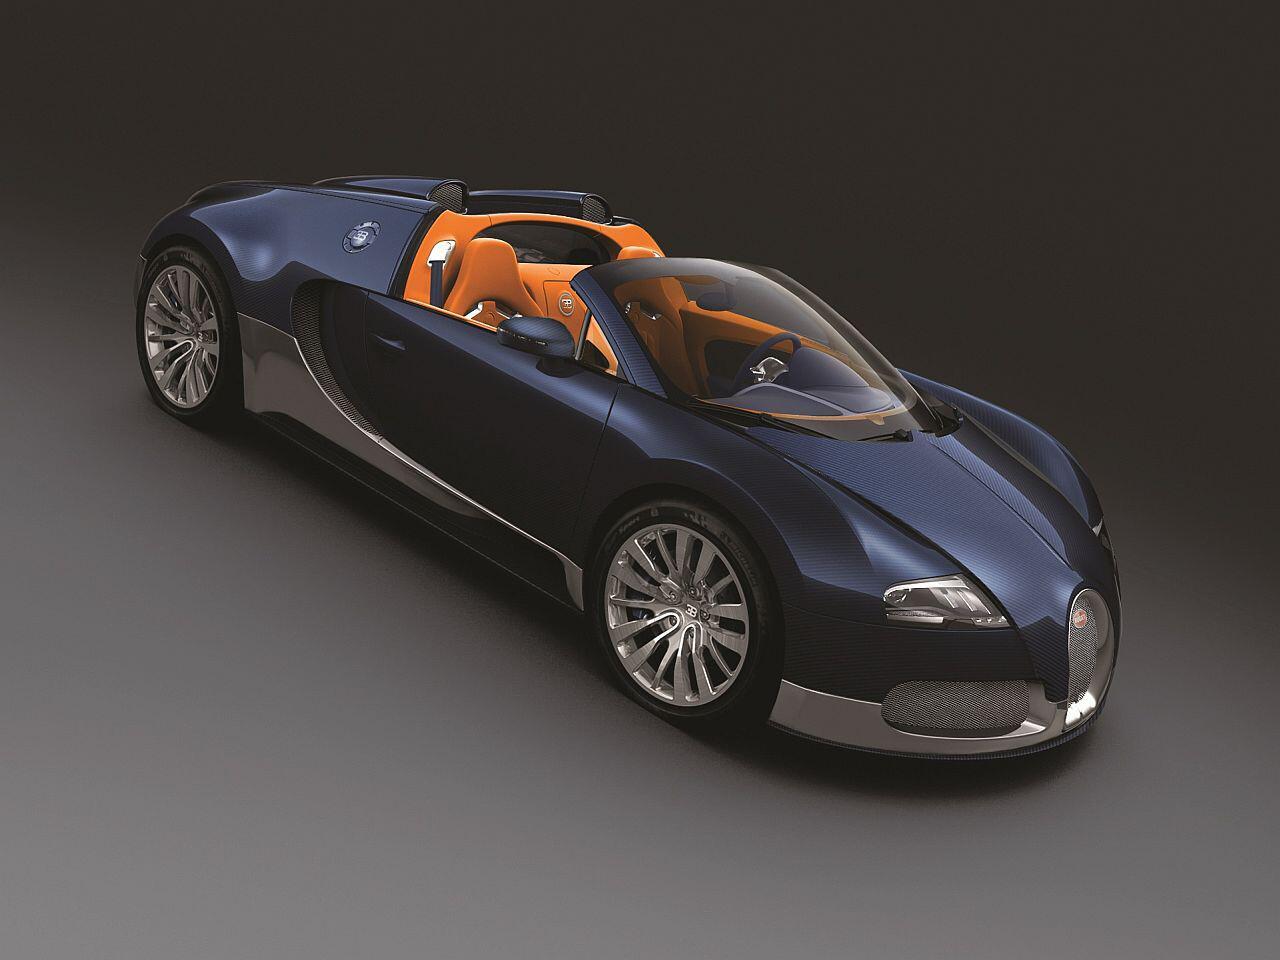 Bild zu Ebenfalls ein Dubai-Veyron: Das blaue Carbon ist das Highlight